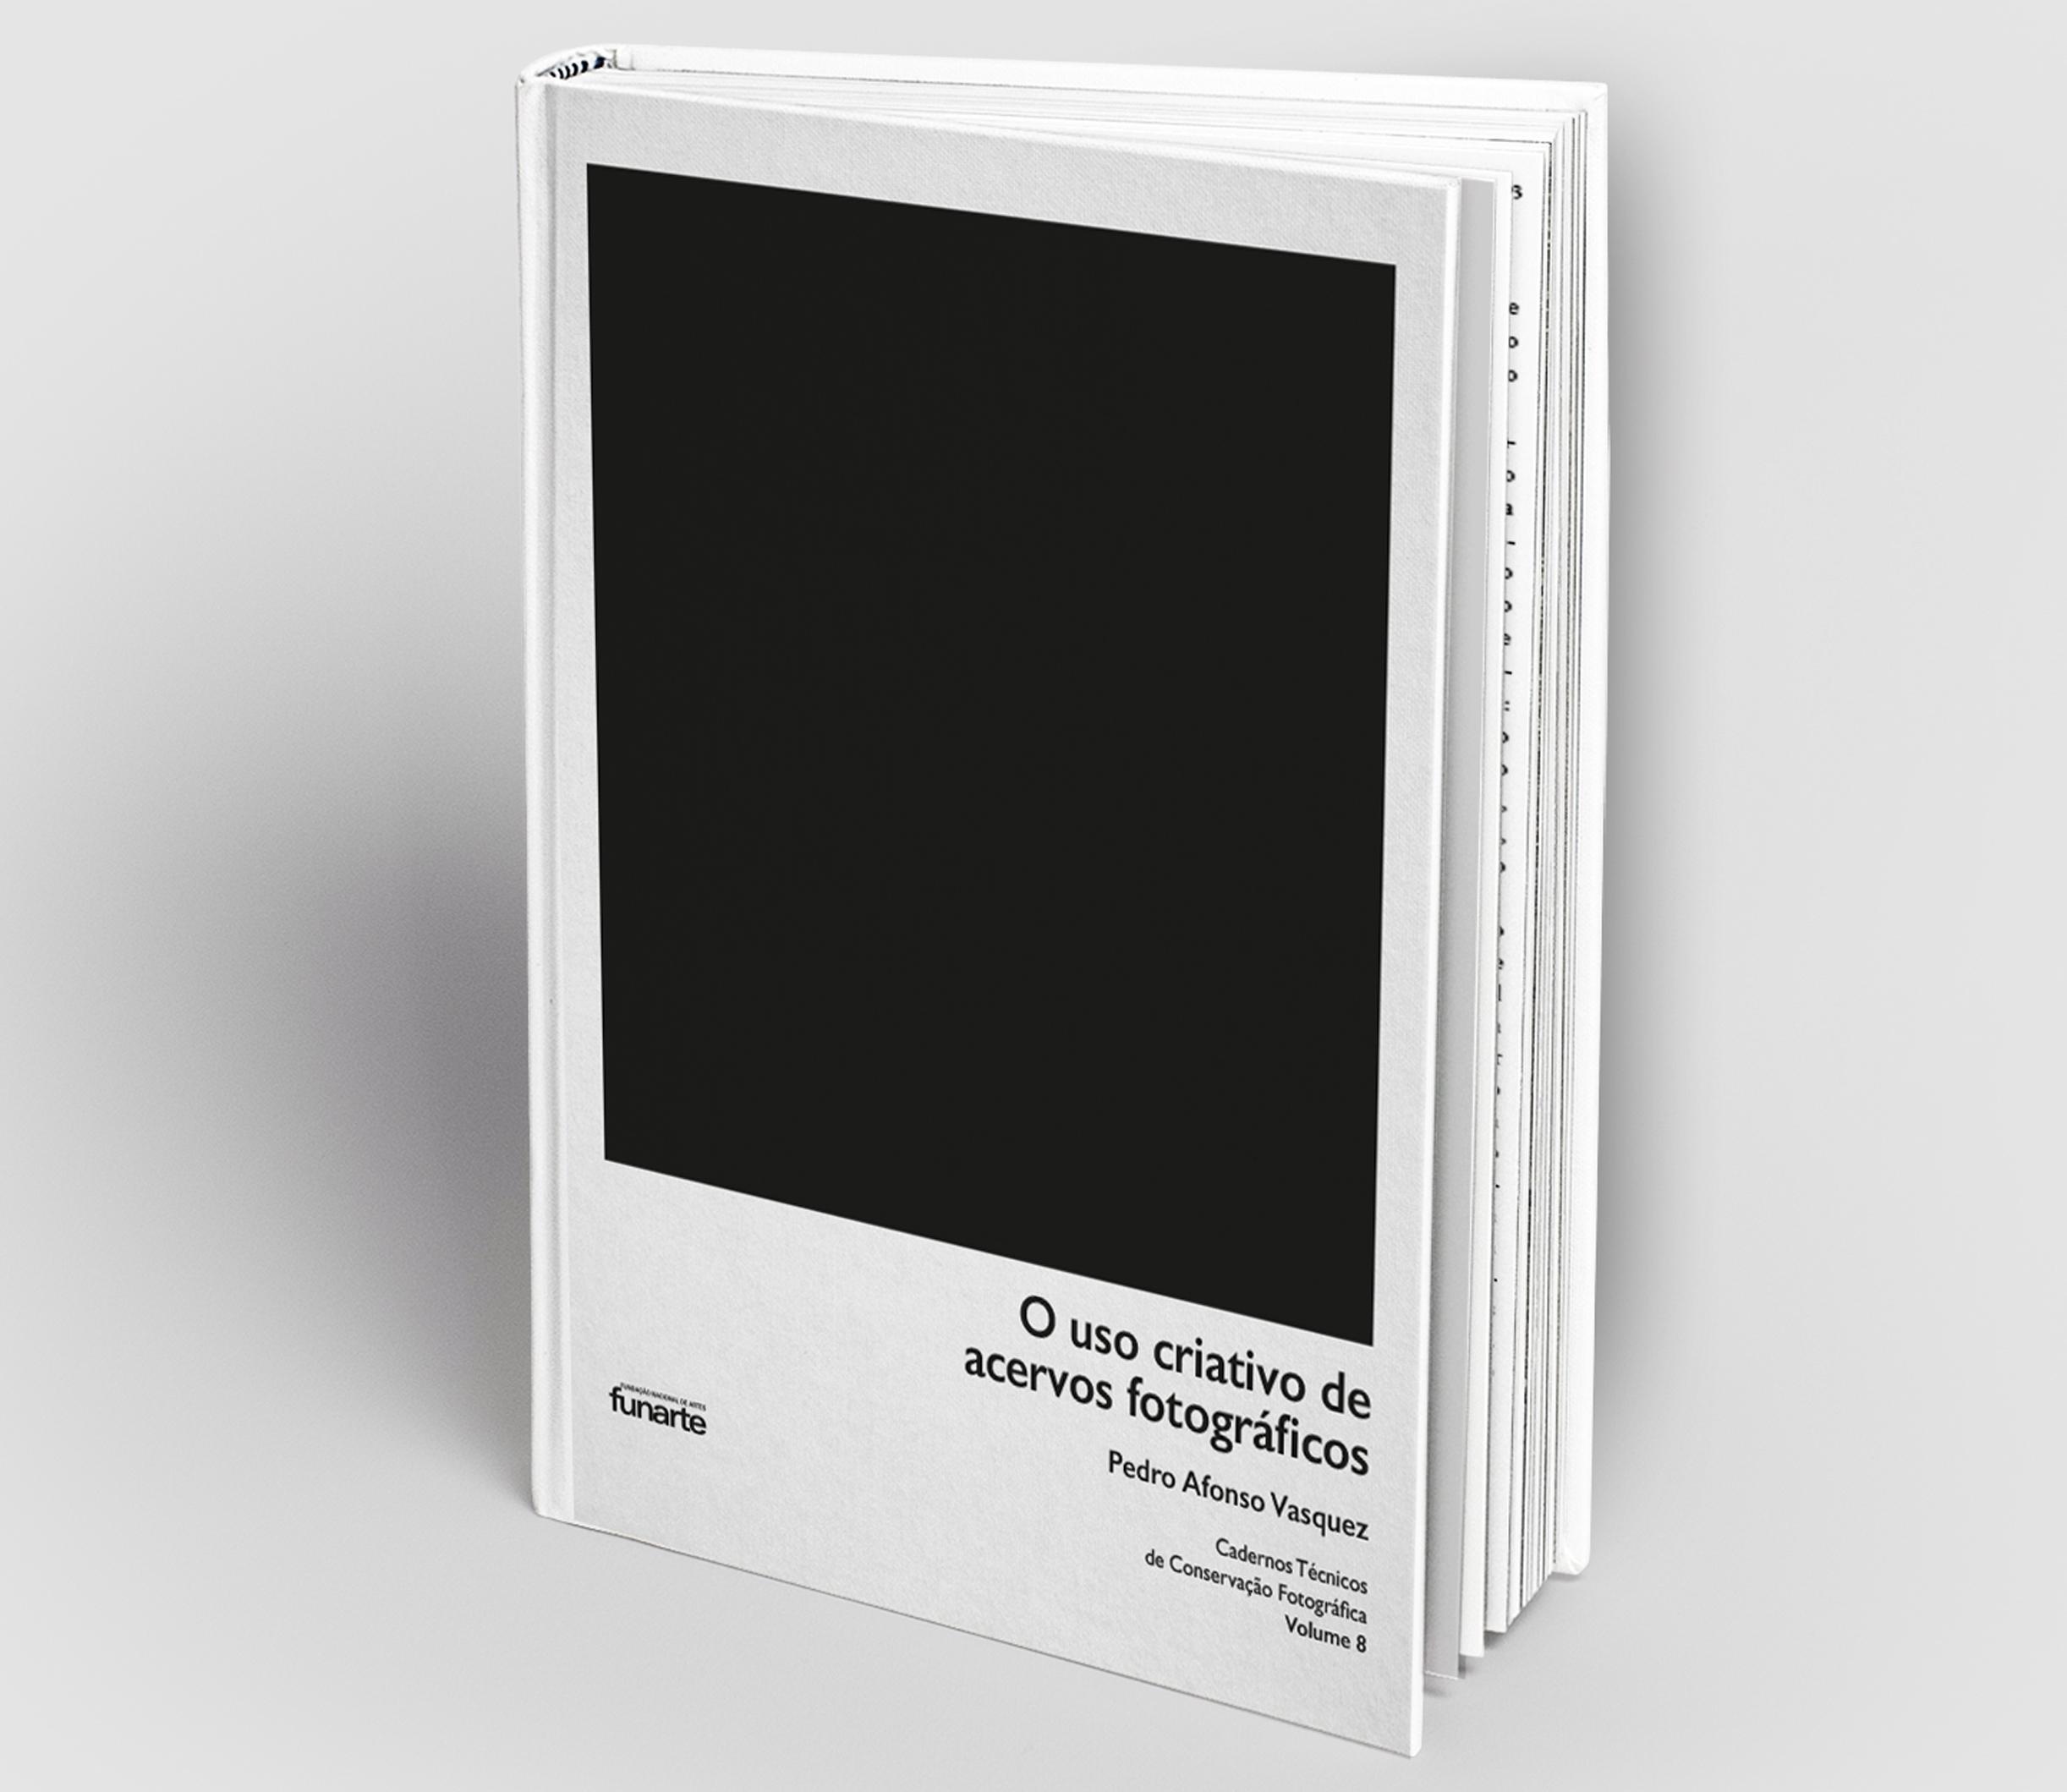 livro_funarte_caderno_técnico_8_capa